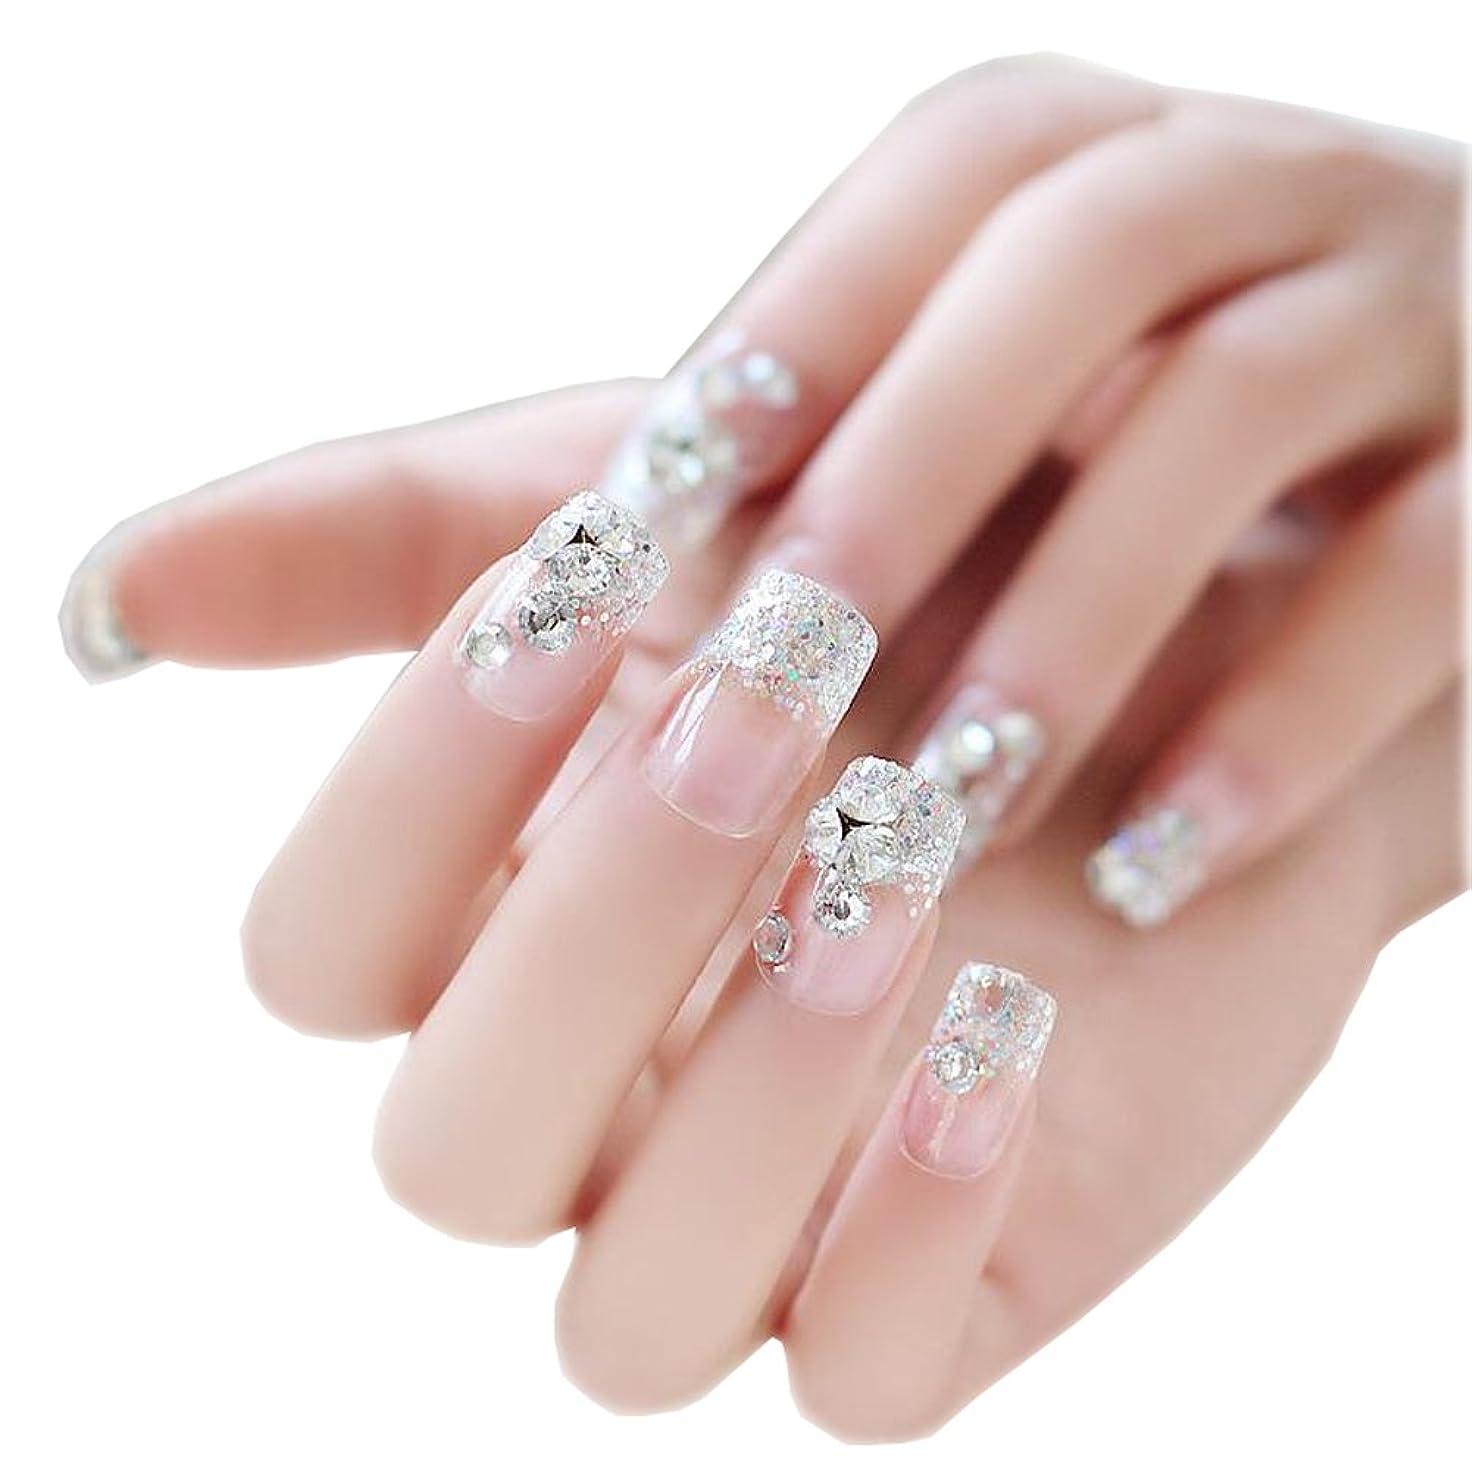 試み家事をするのためにネイルアートデカールのネイルは一時的にダイヤモンドで透明に包み込みます